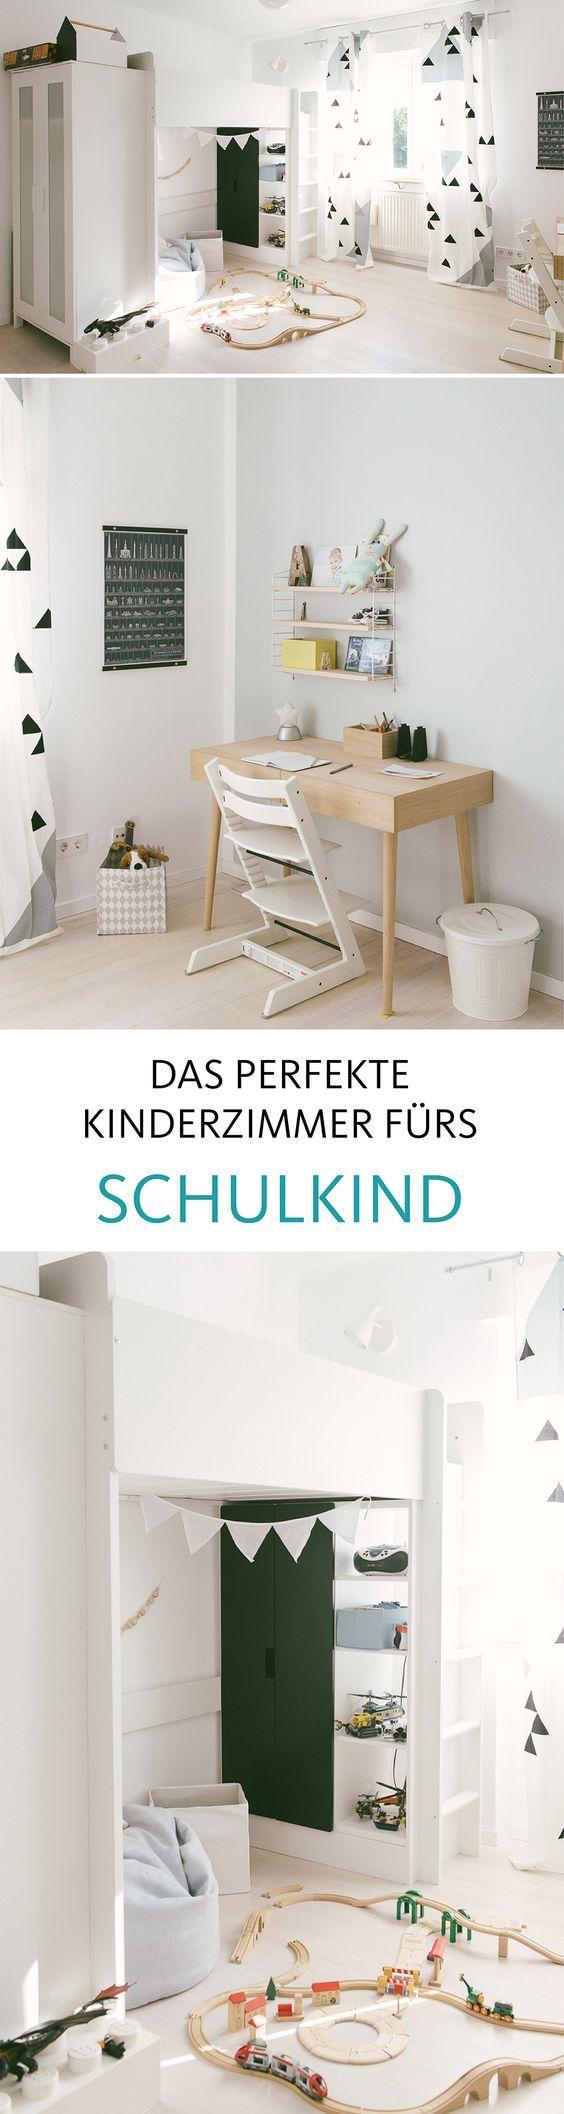 Kinderzimmer • Bilder & Ideen | Kids rooms, Room and Kidsroom